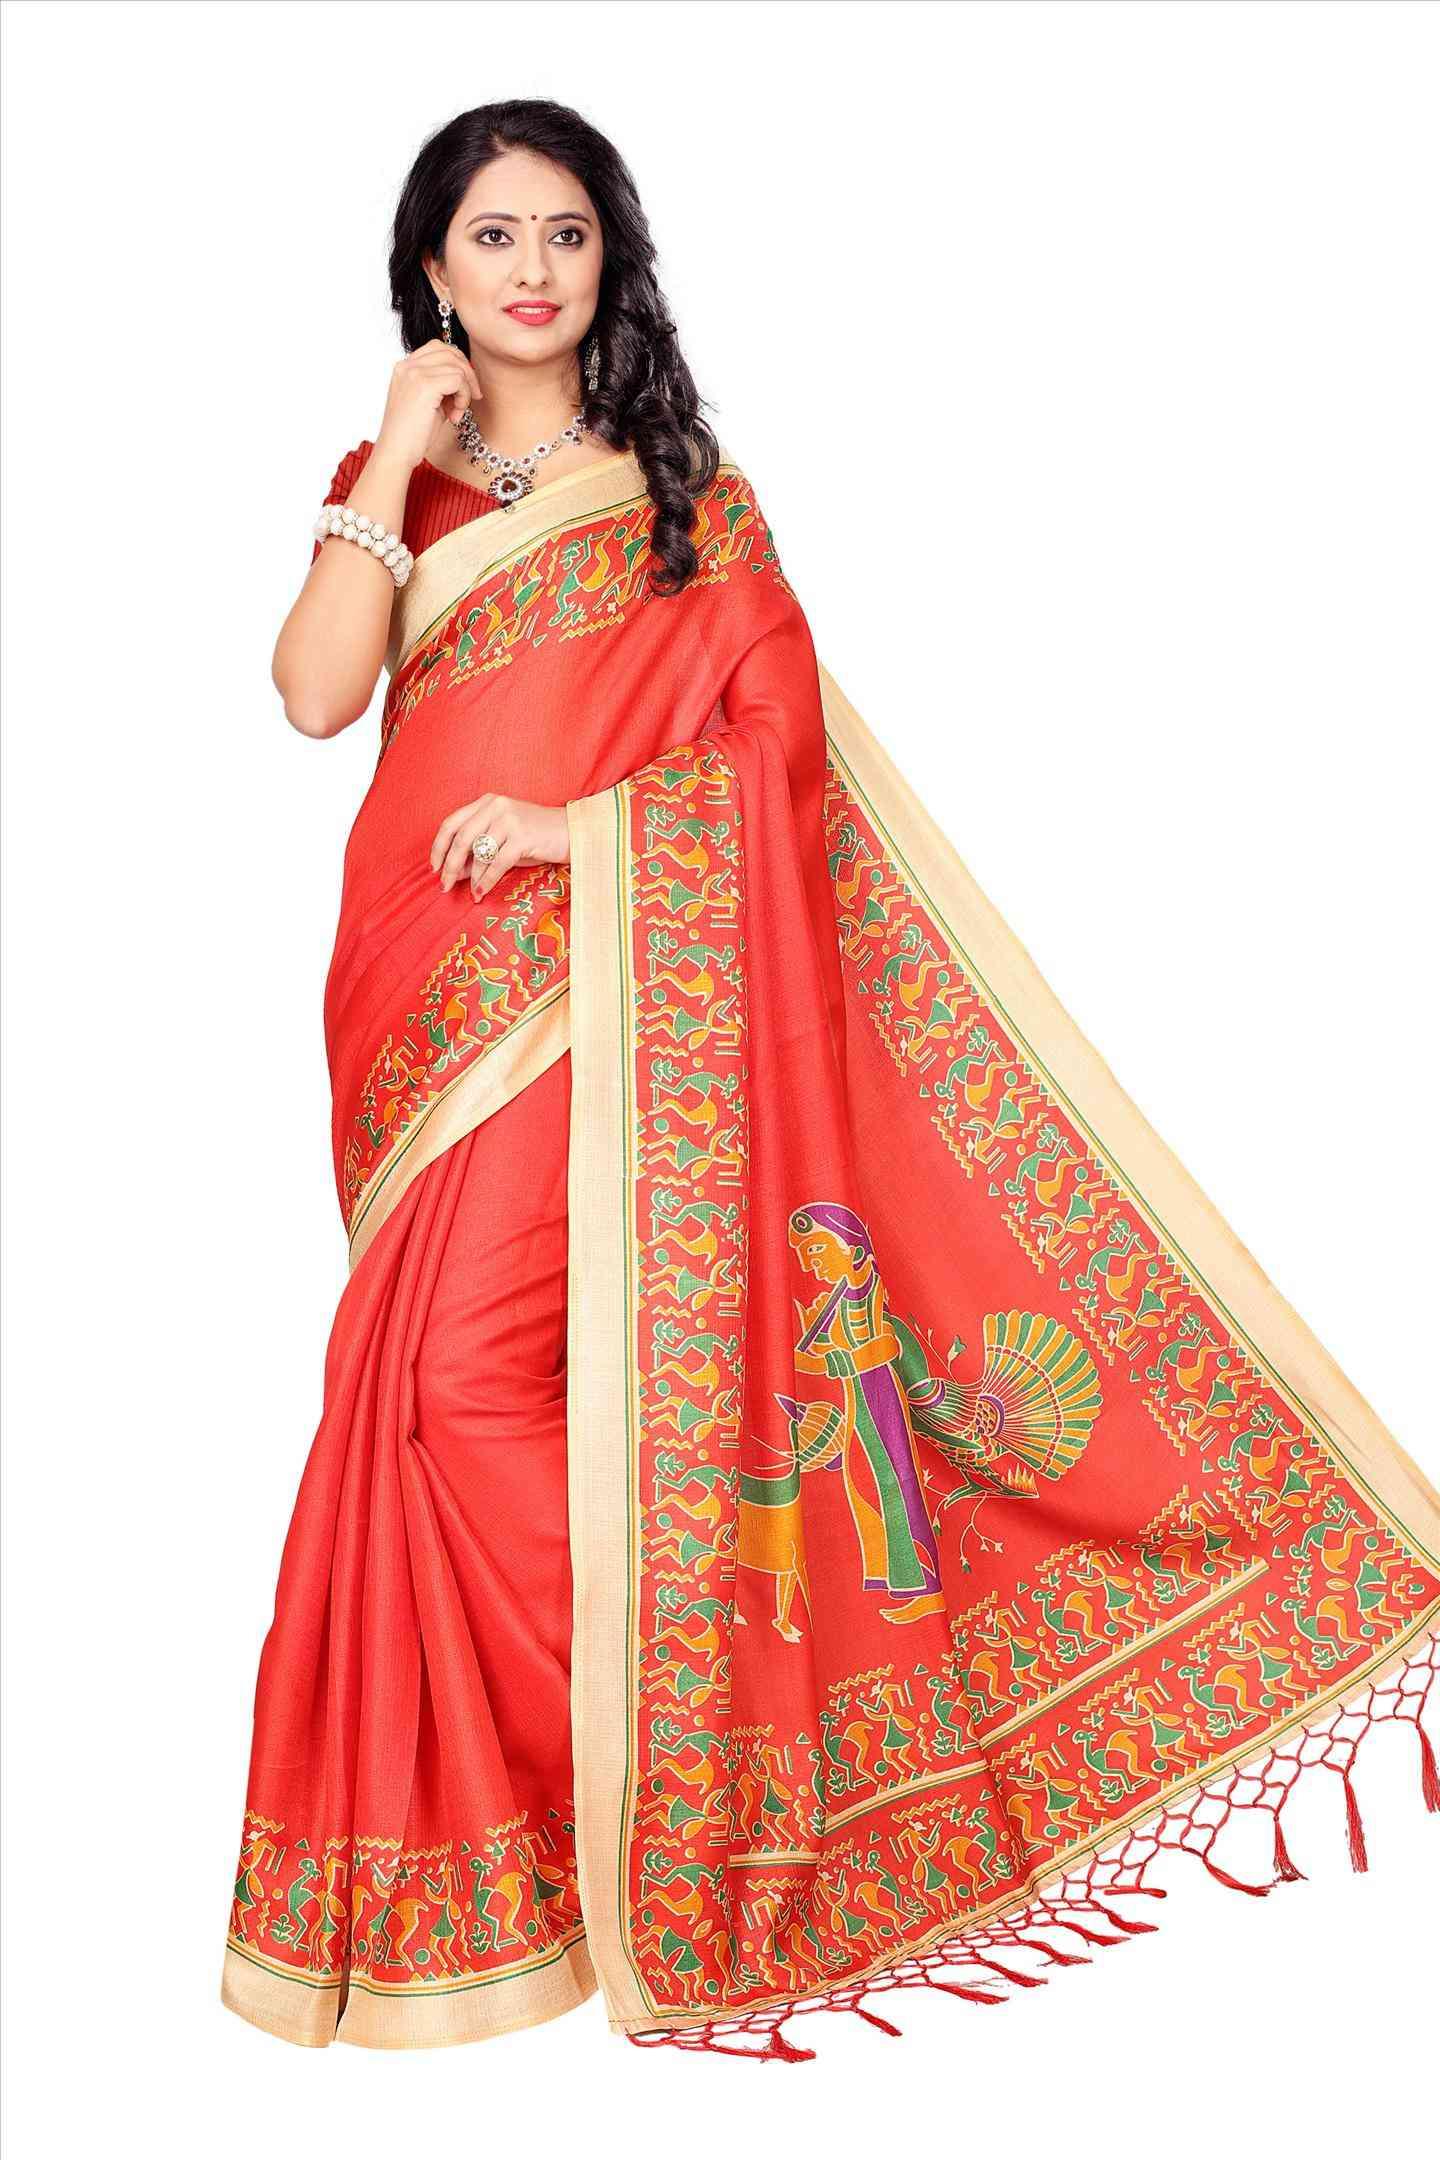 Ethnic Orange And Cream Color Soft Khadi Designer Saree - Maruti-22MST_108